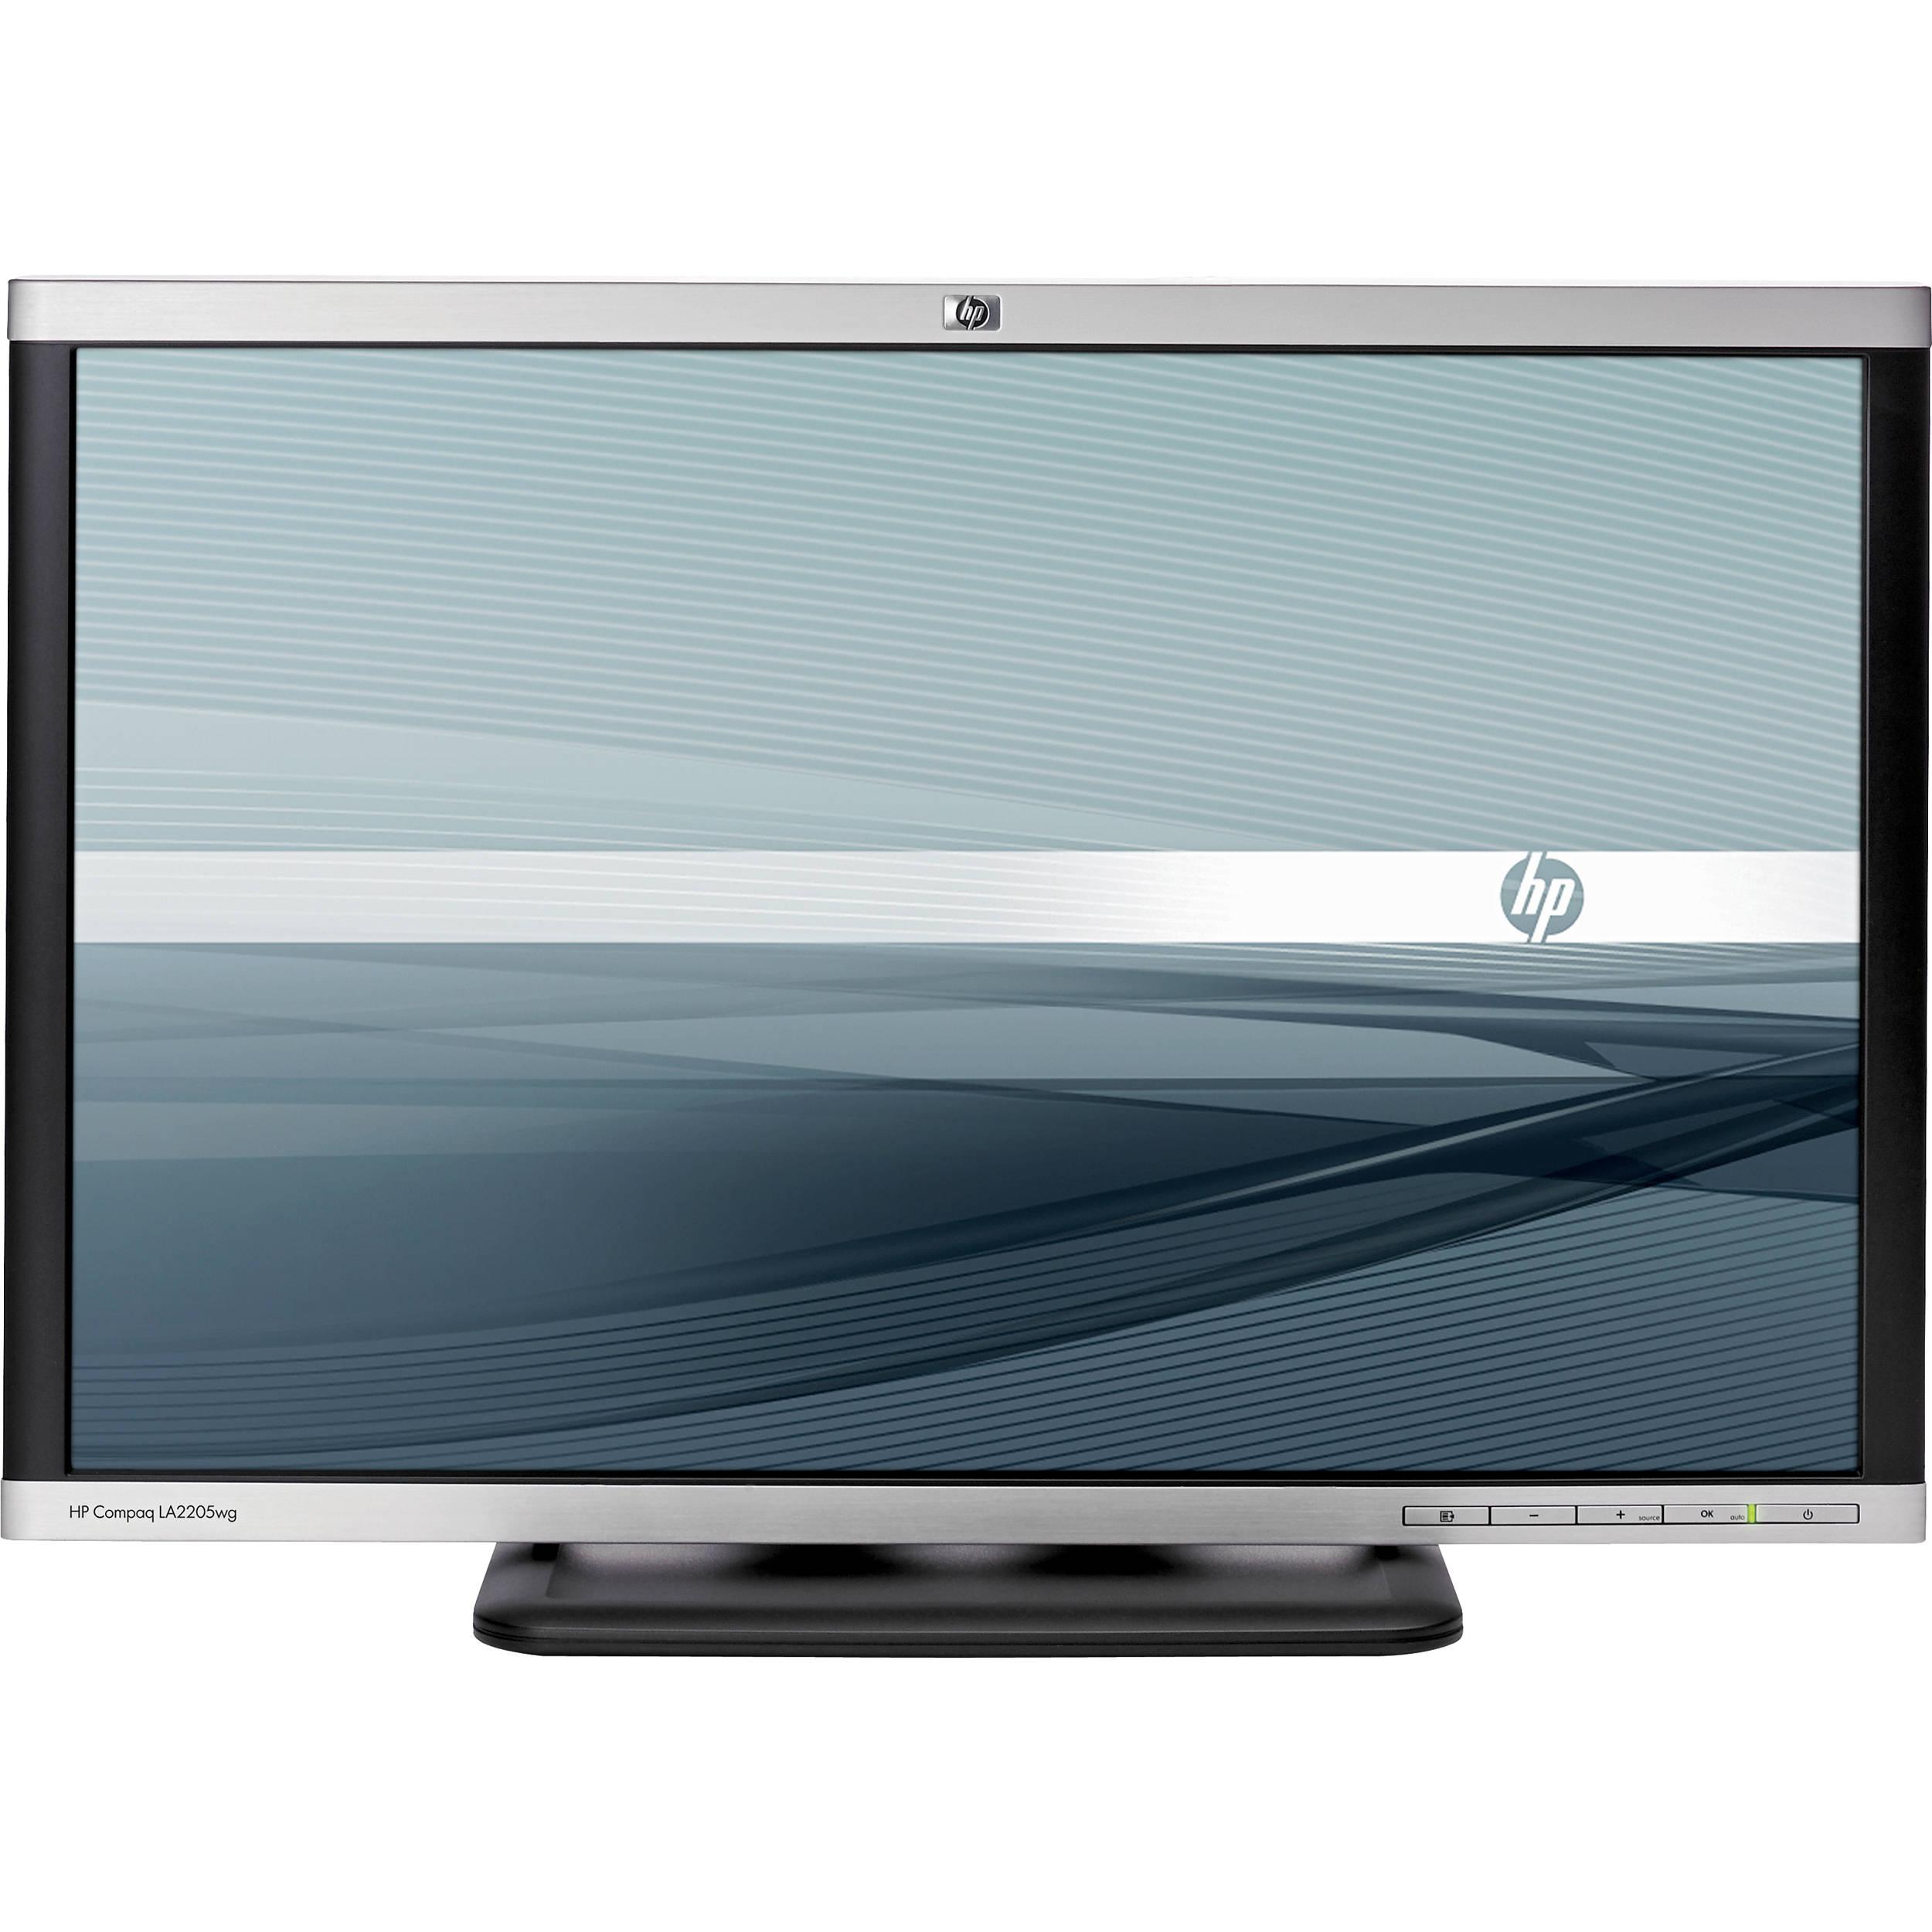 HP Compaq LA2205 LCD Monitor 64 BIT Driver